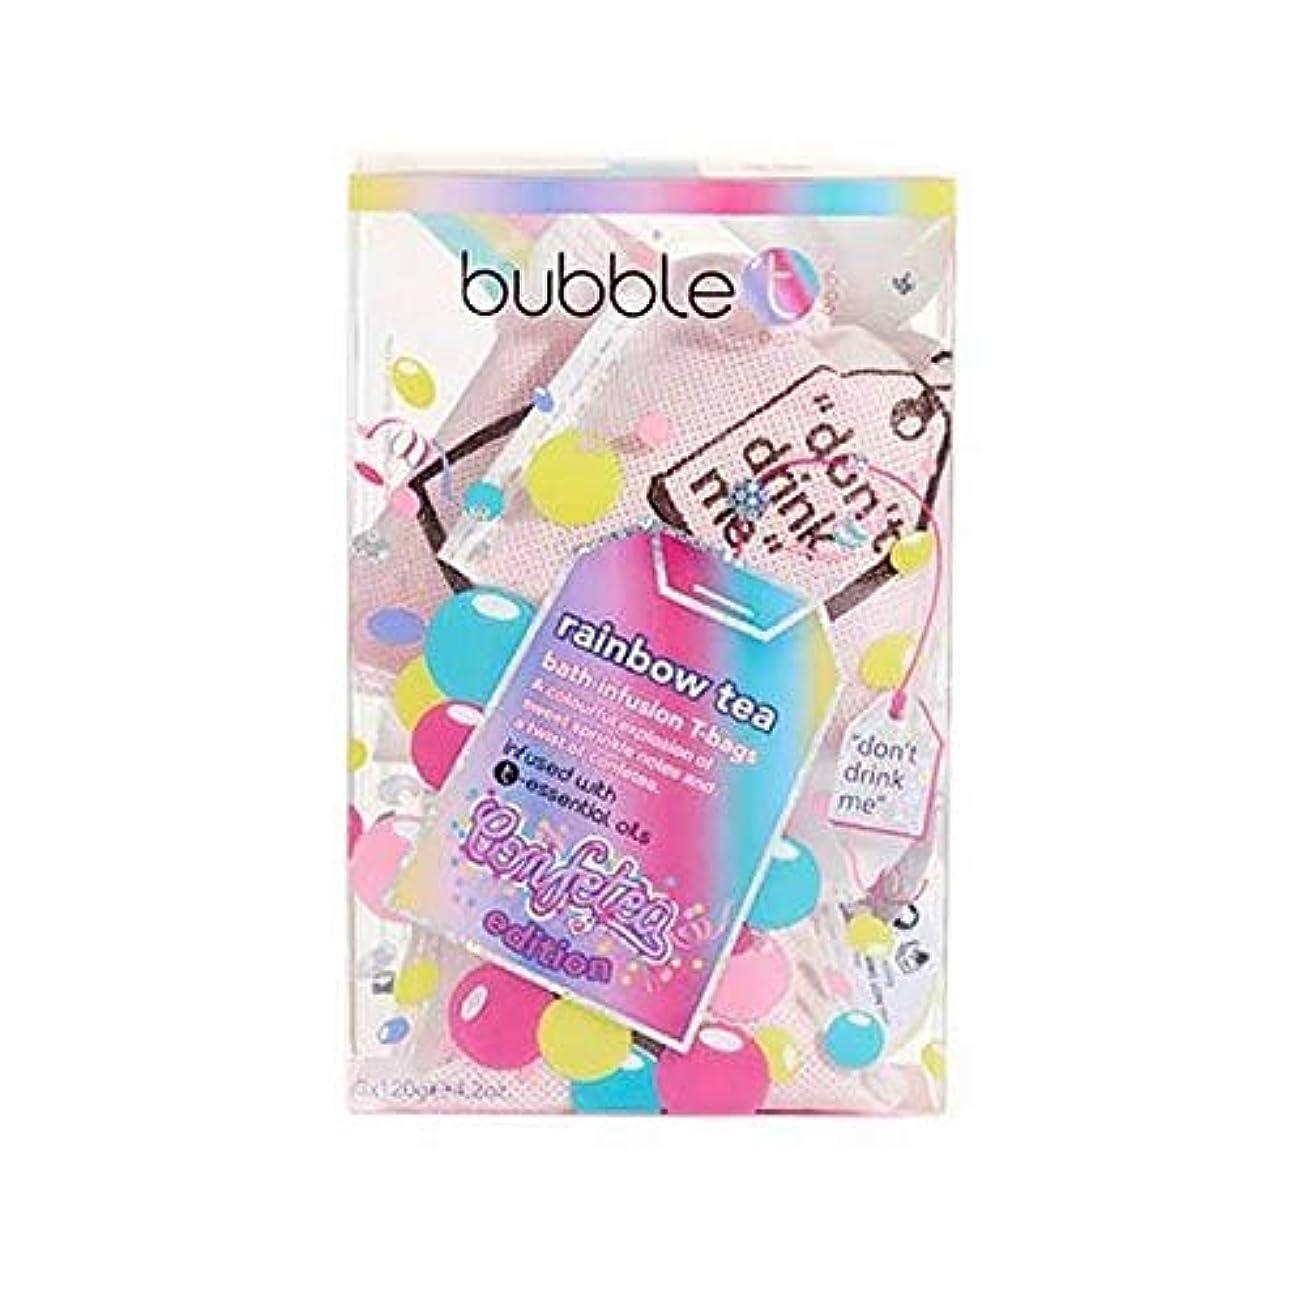 セージスカリーソフィー[Bubble T ] バブルトンの化粧品 - 入浴輸液ティーバッグ虹のお茶 - Bubble T Cosmetics - Bath infusion tea bags Rainbow tea [並行輸入品]